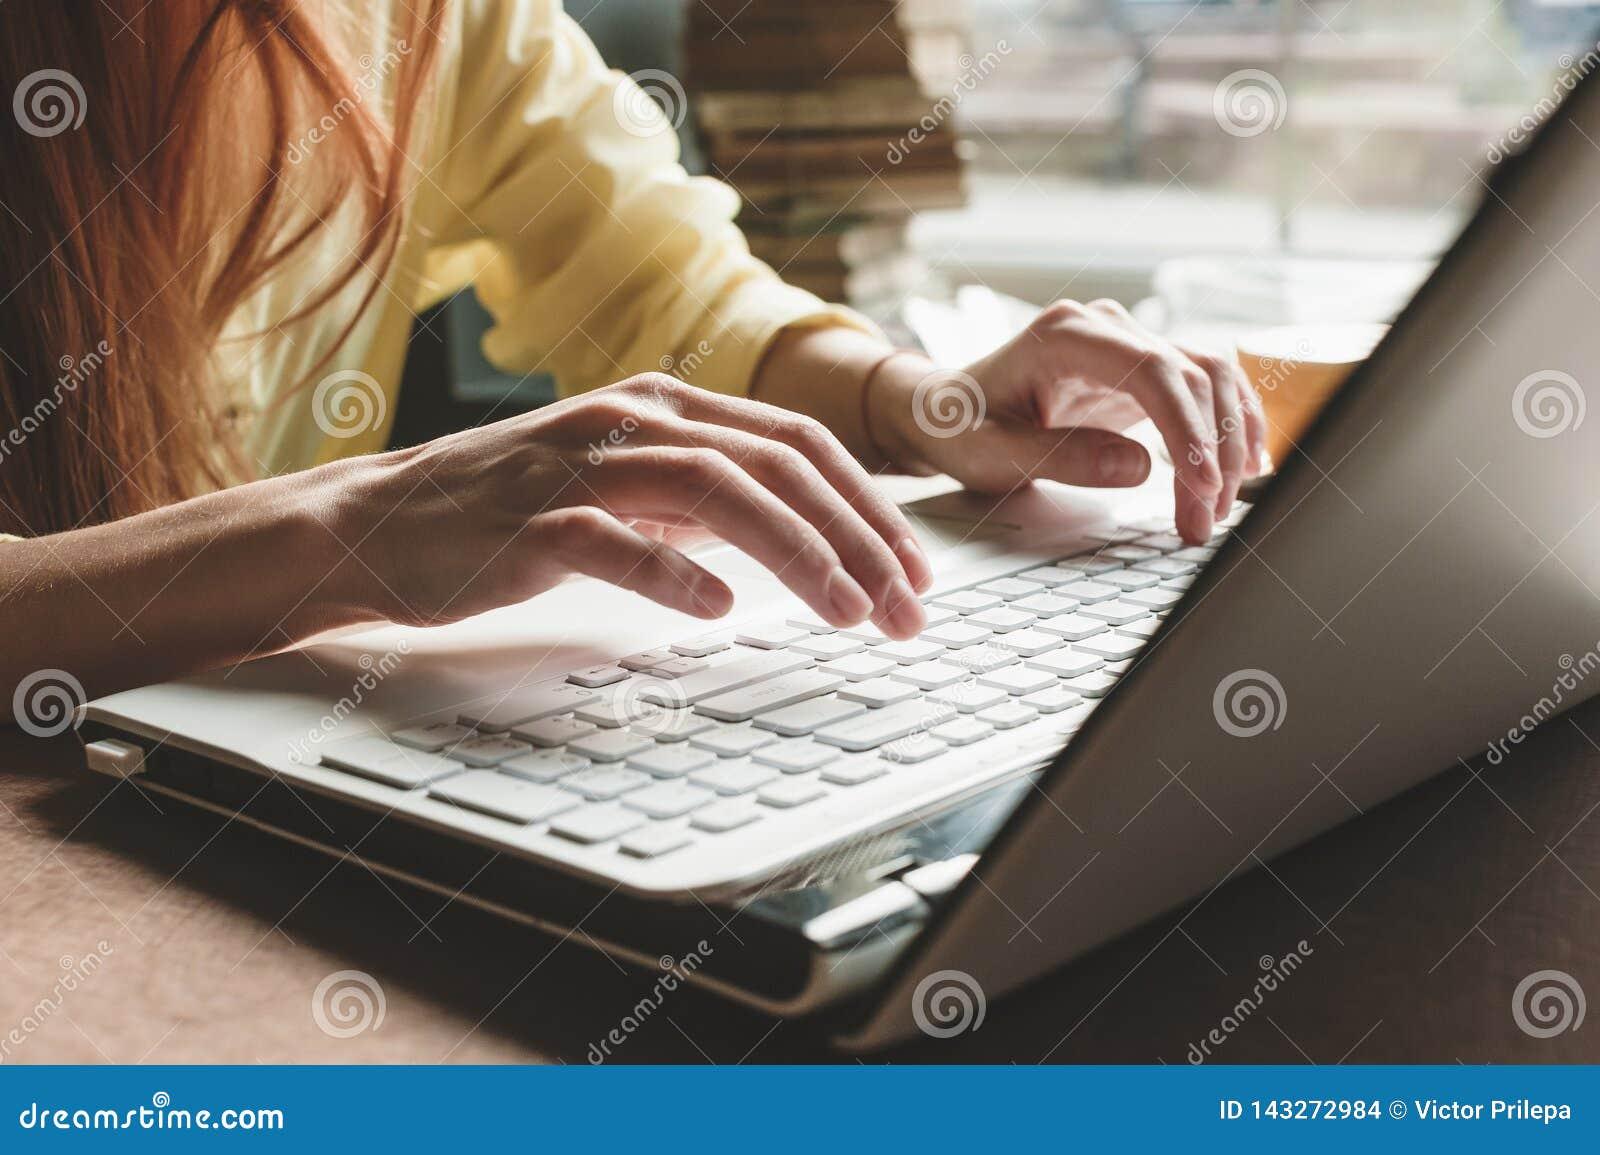 La fille imprime sur un ordinateur blanc Plan rapproché des mains sur le clavier d un ordinateur